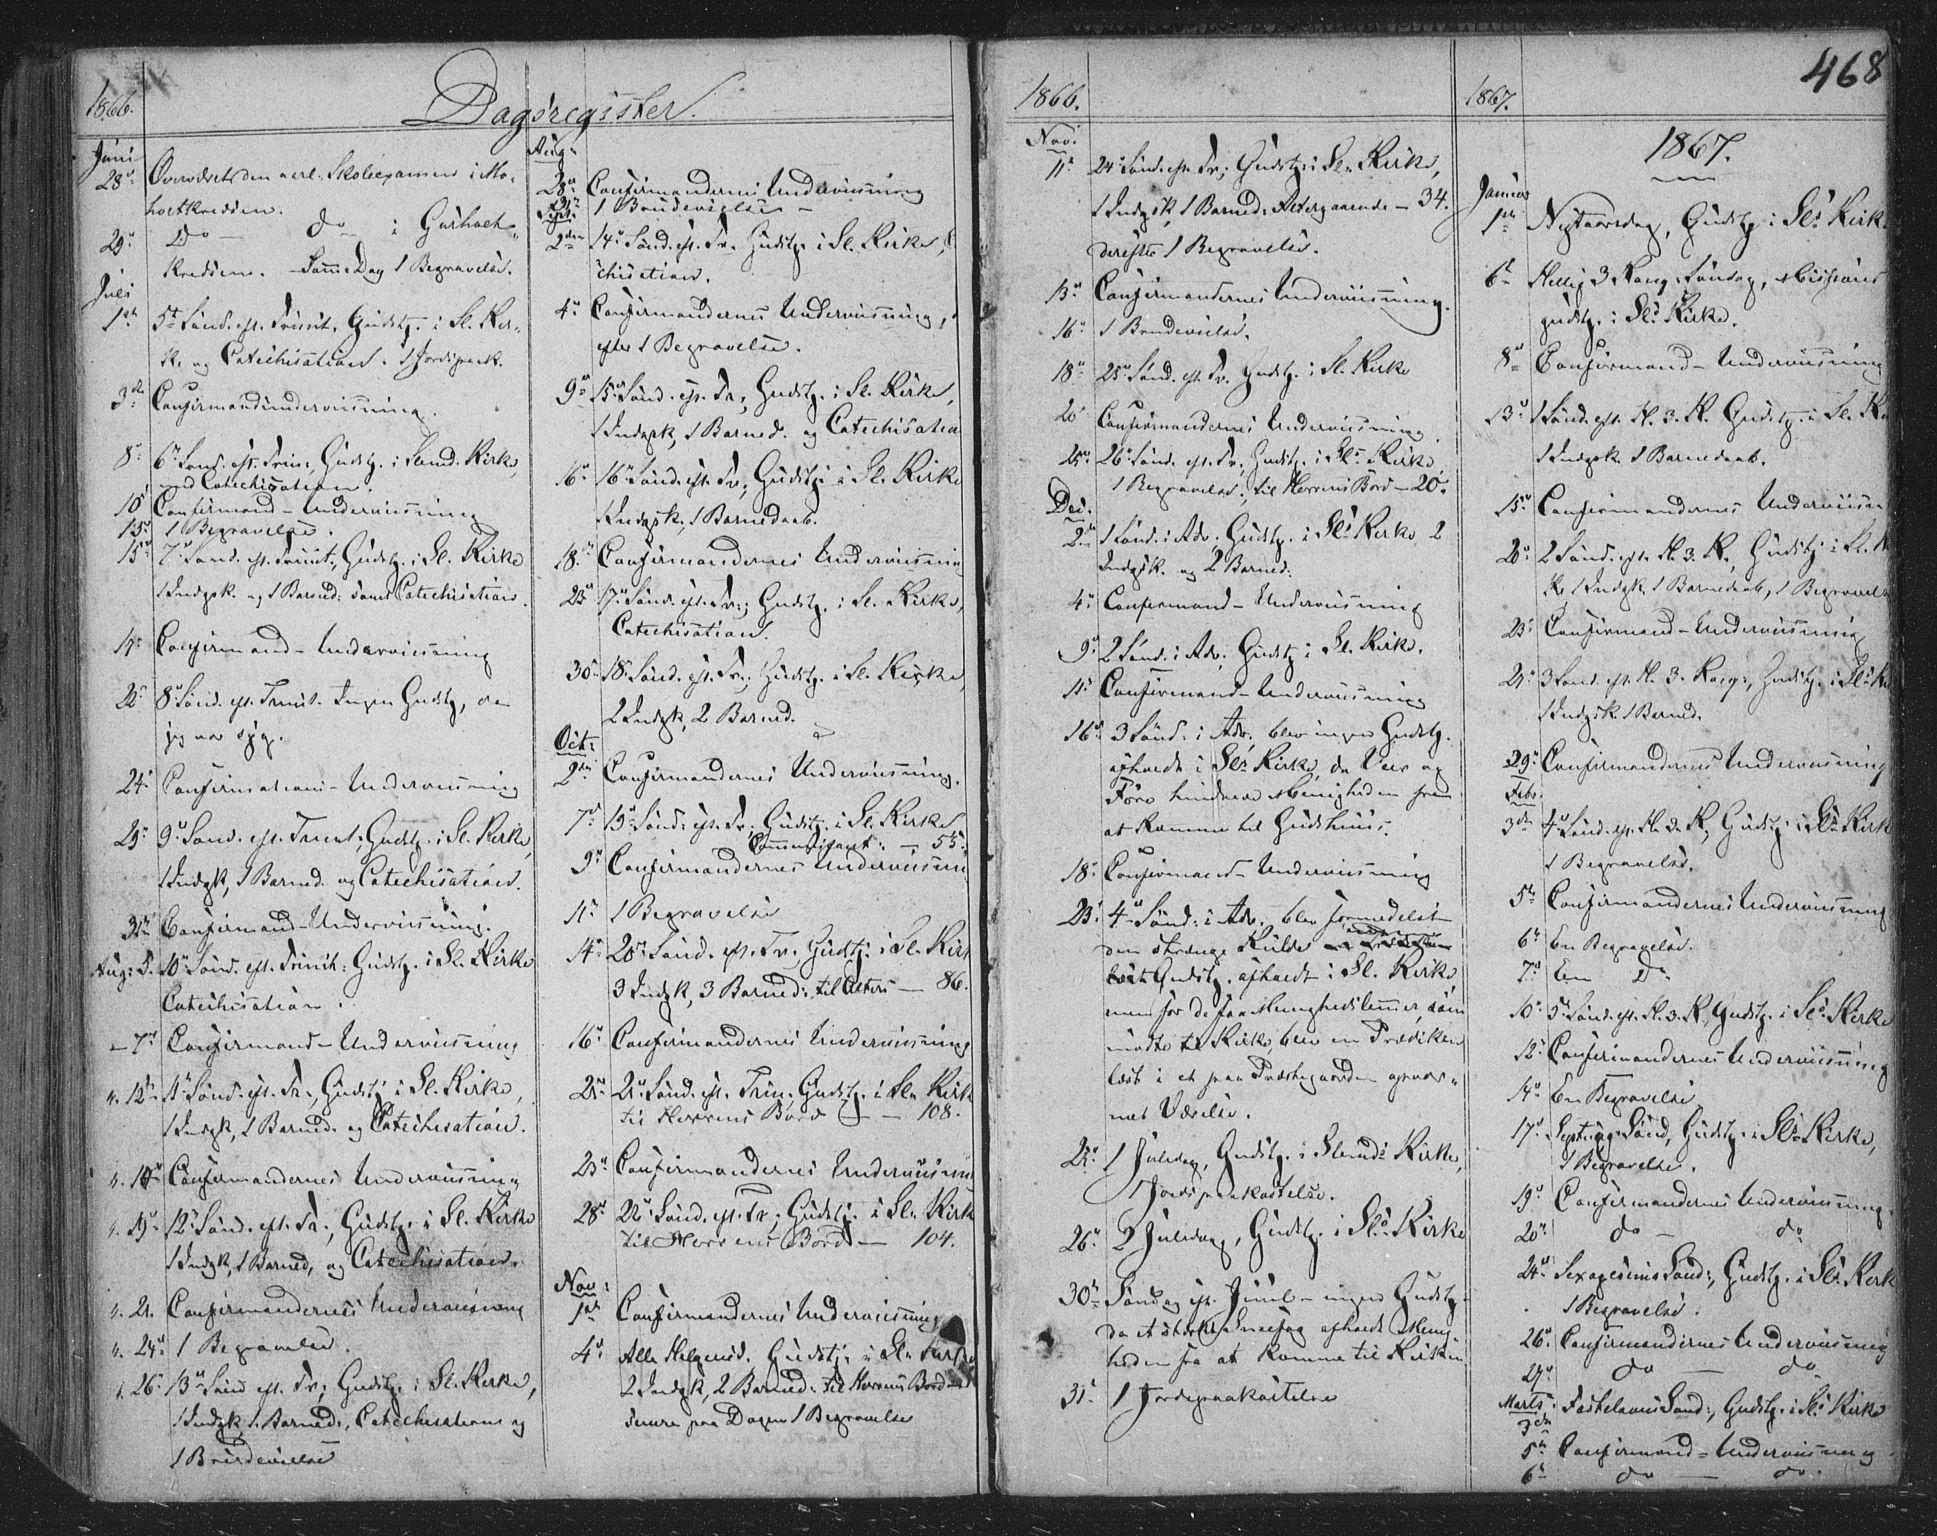 SAKO, Siljan kirkebøker, F/Fa/L0001: Ministerialbok nr. 1, 1831-1870, s. 468